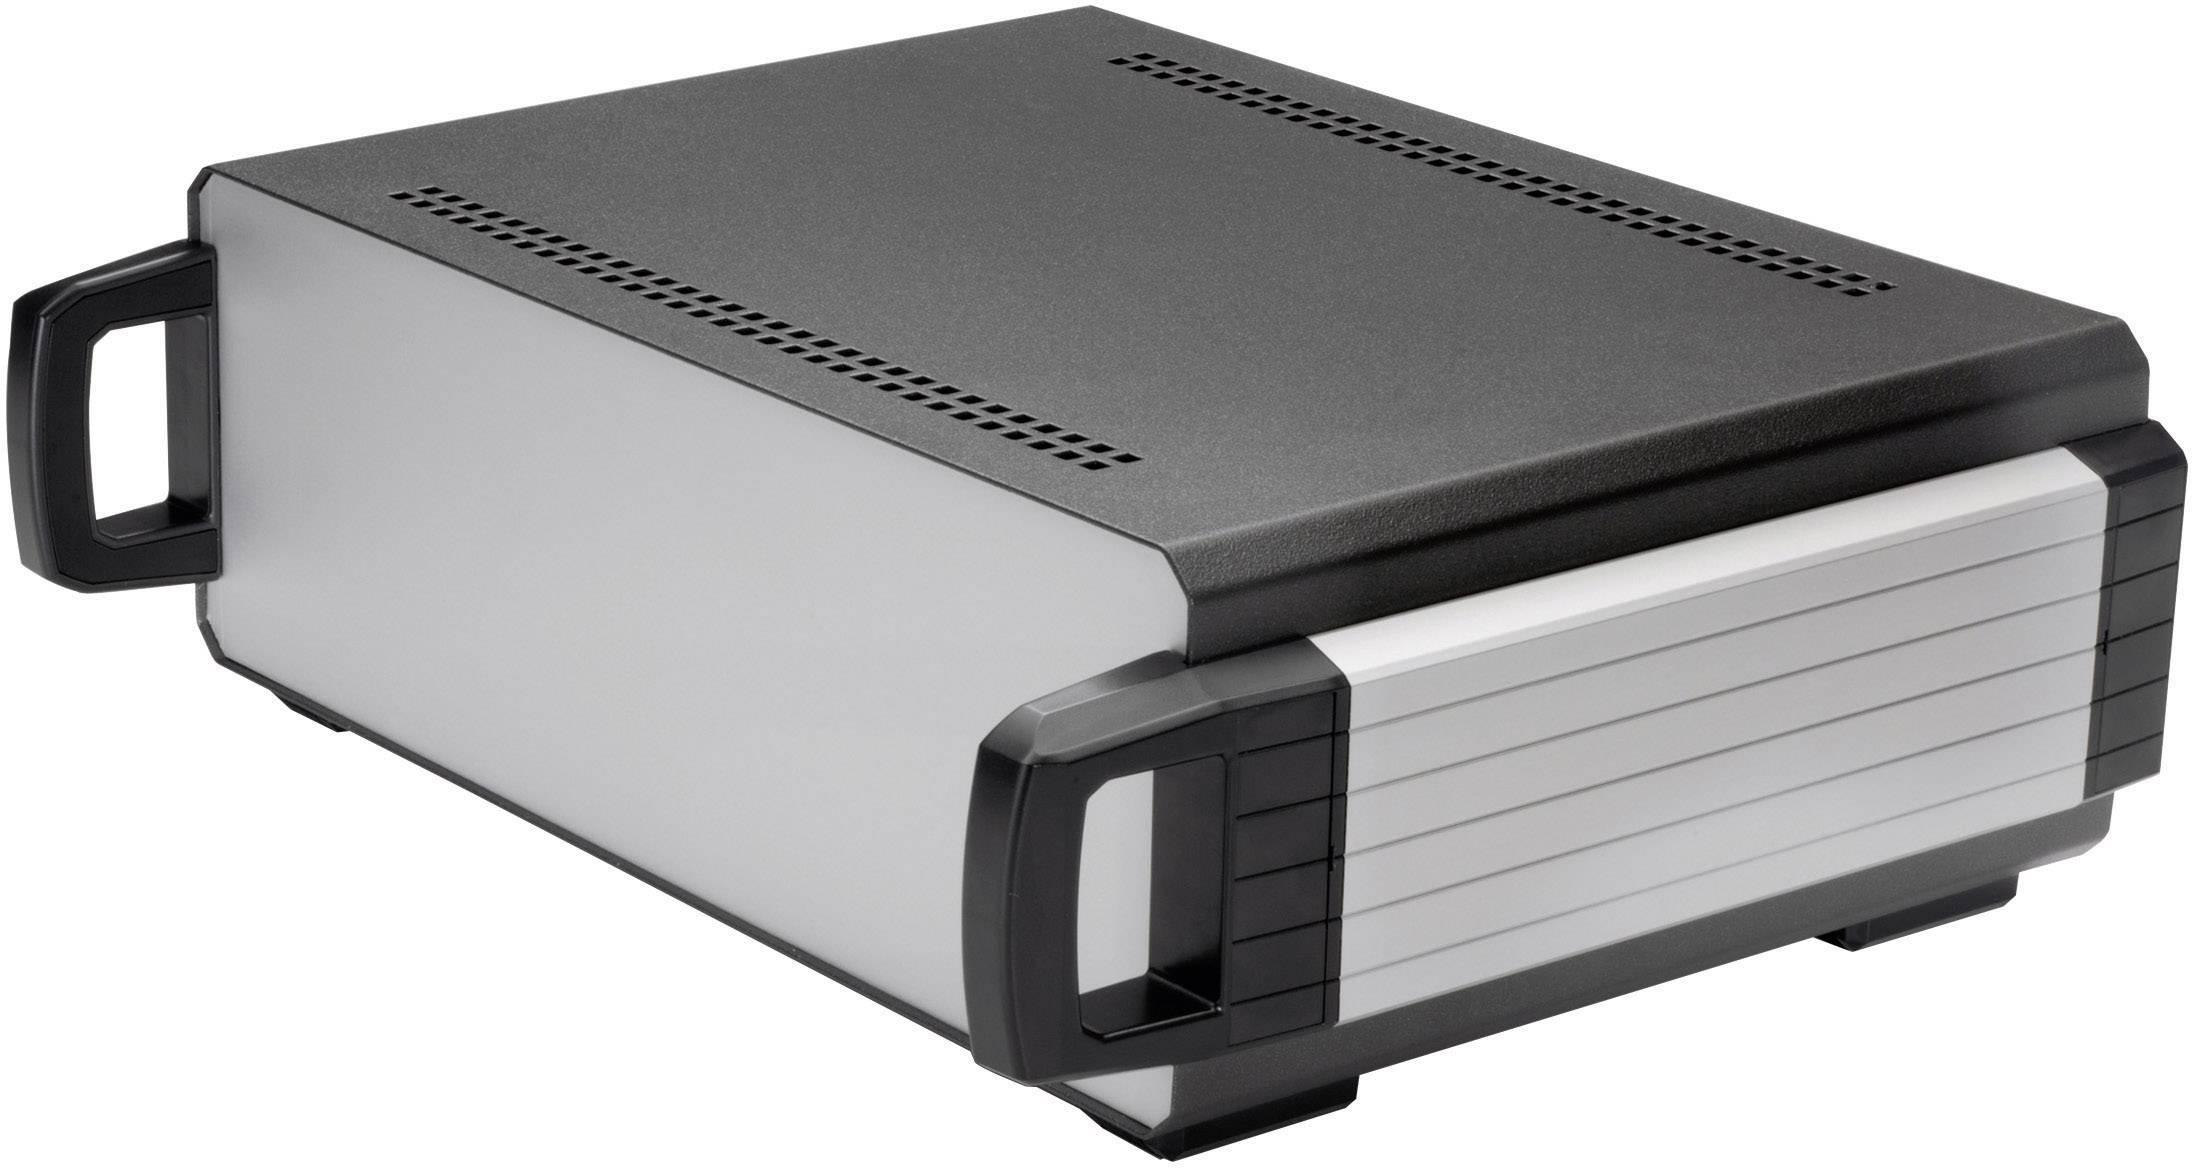 Puzdro na stôl Axxatronic CDIC00005-CON, 300 x 220 x 100 mm, hliník, antracitová, 1 ks